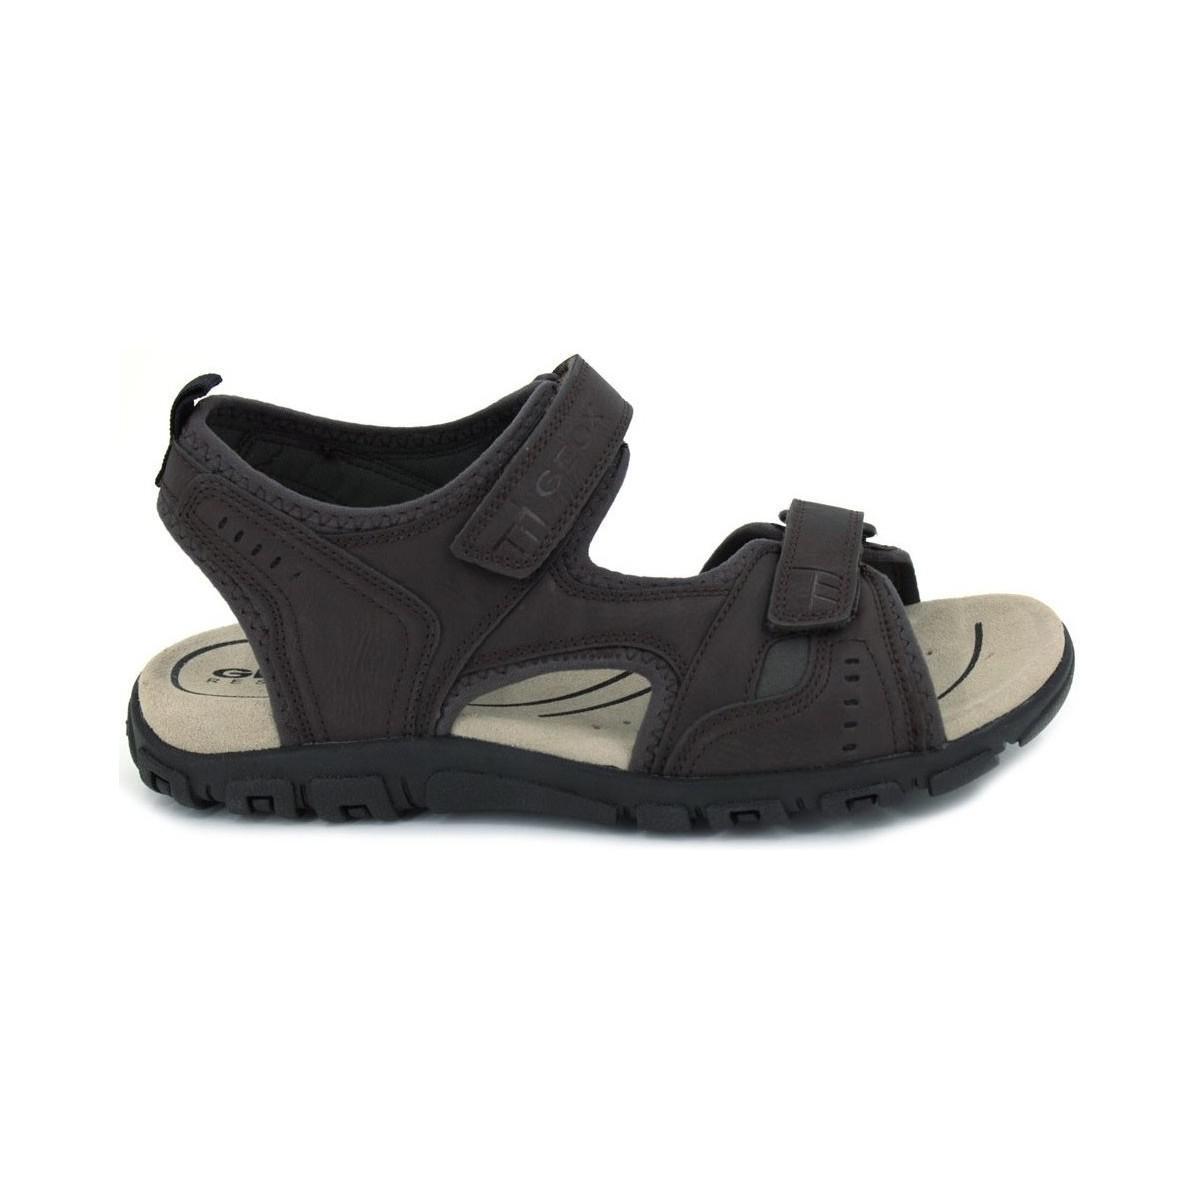 20ca4efce49c Geox U S.strada A U4224a Men ́s Sandals Men s Sandals In Brown in Brown for  Men - Lyst